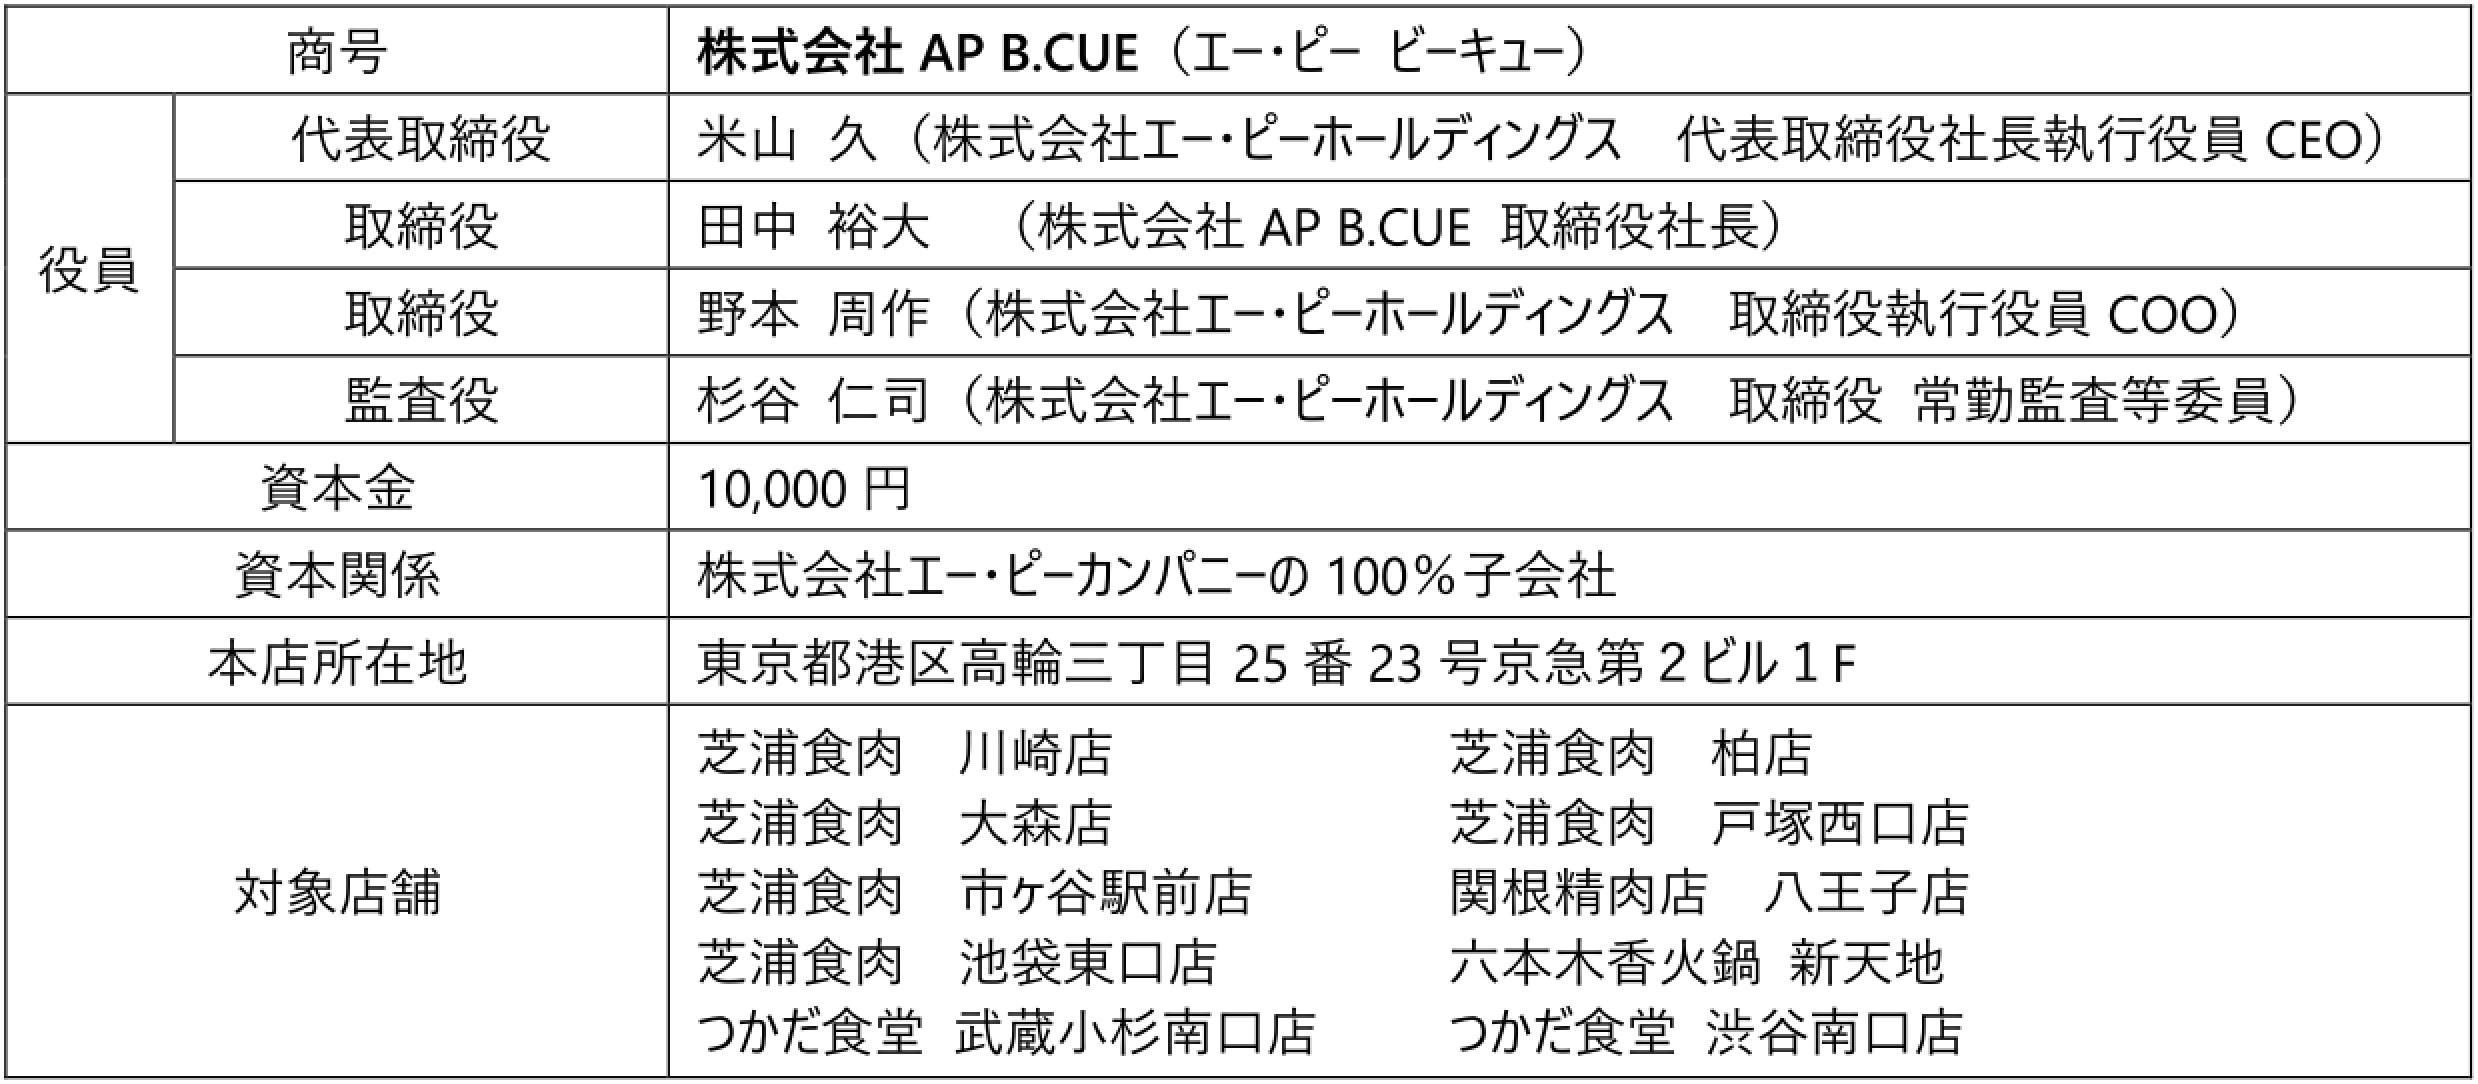 株式会社AP B.CUE